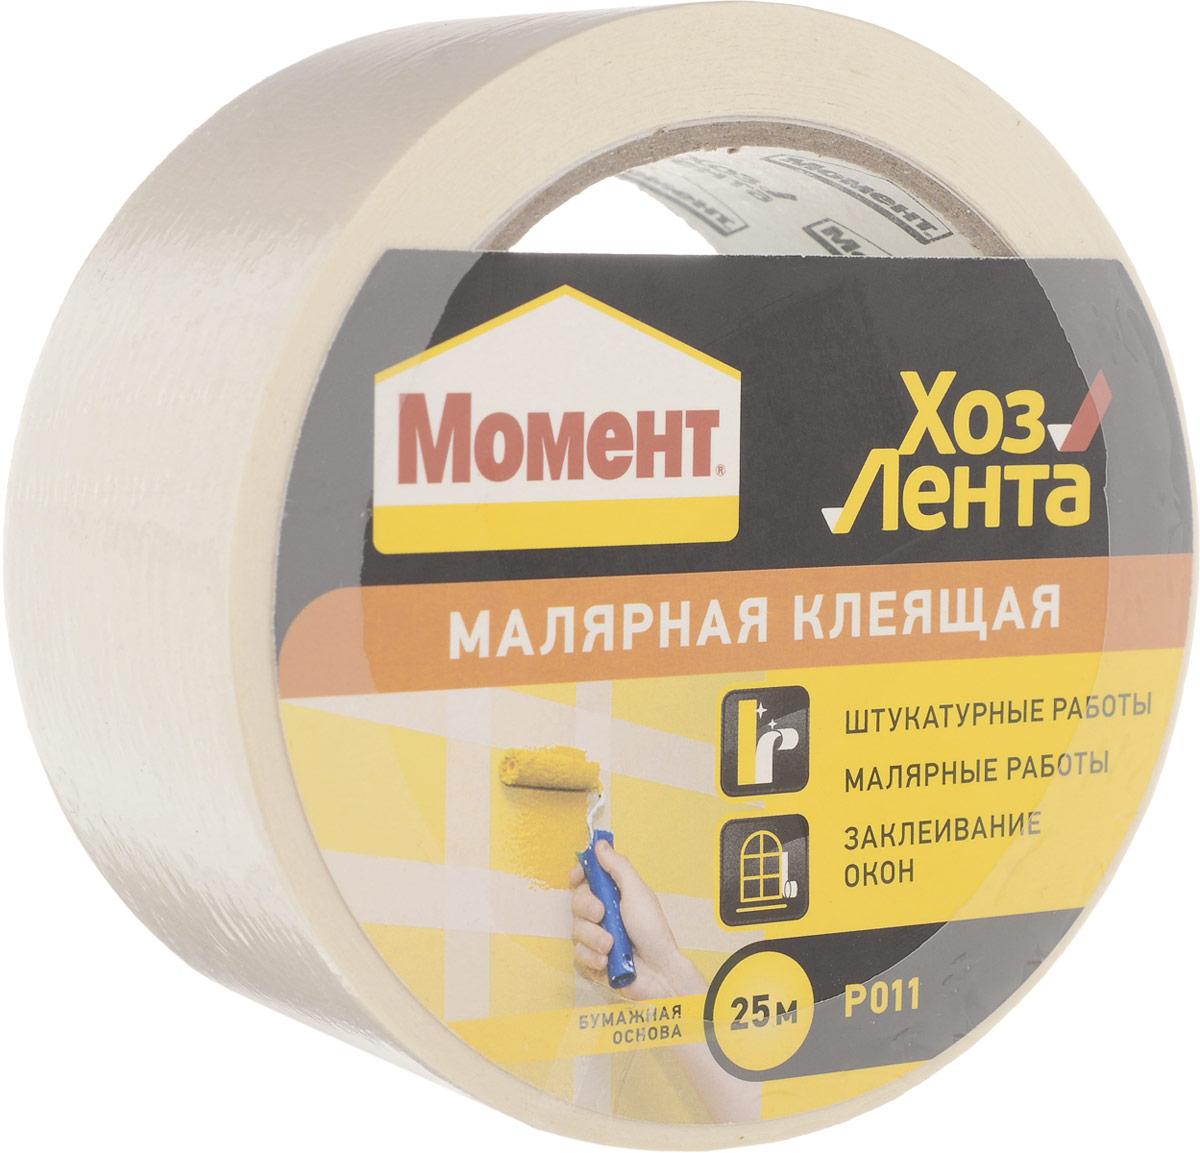 Лента клеящая Момент ХозЛента, малярная, цвет: белый, 25 м хозлента момент разметочная 50мм х 25m момент